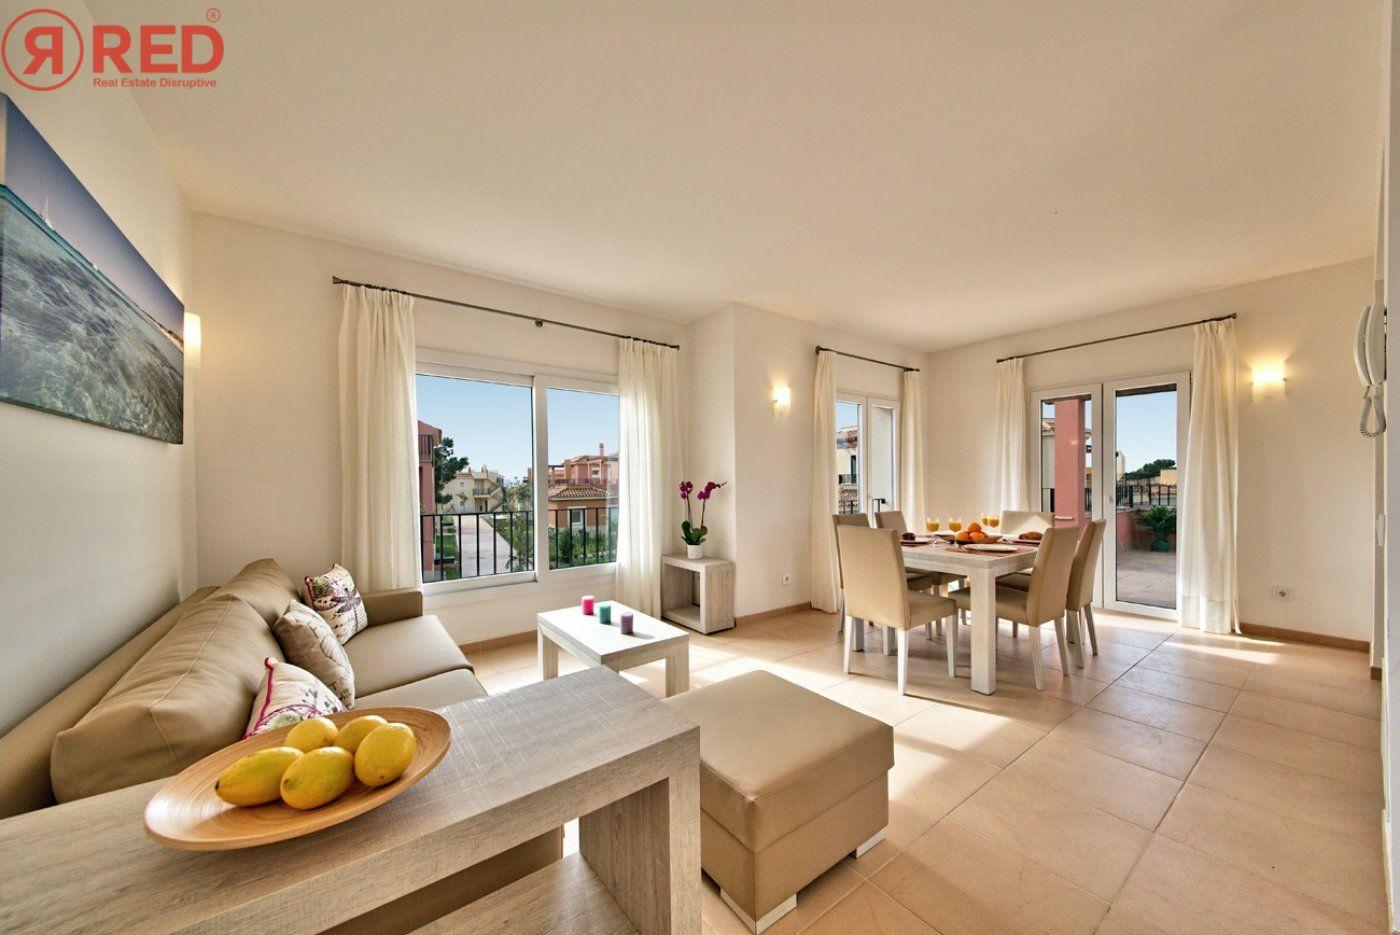 Se vende exclusivas viviendas de lujo en mallorca - imagenInmueble7